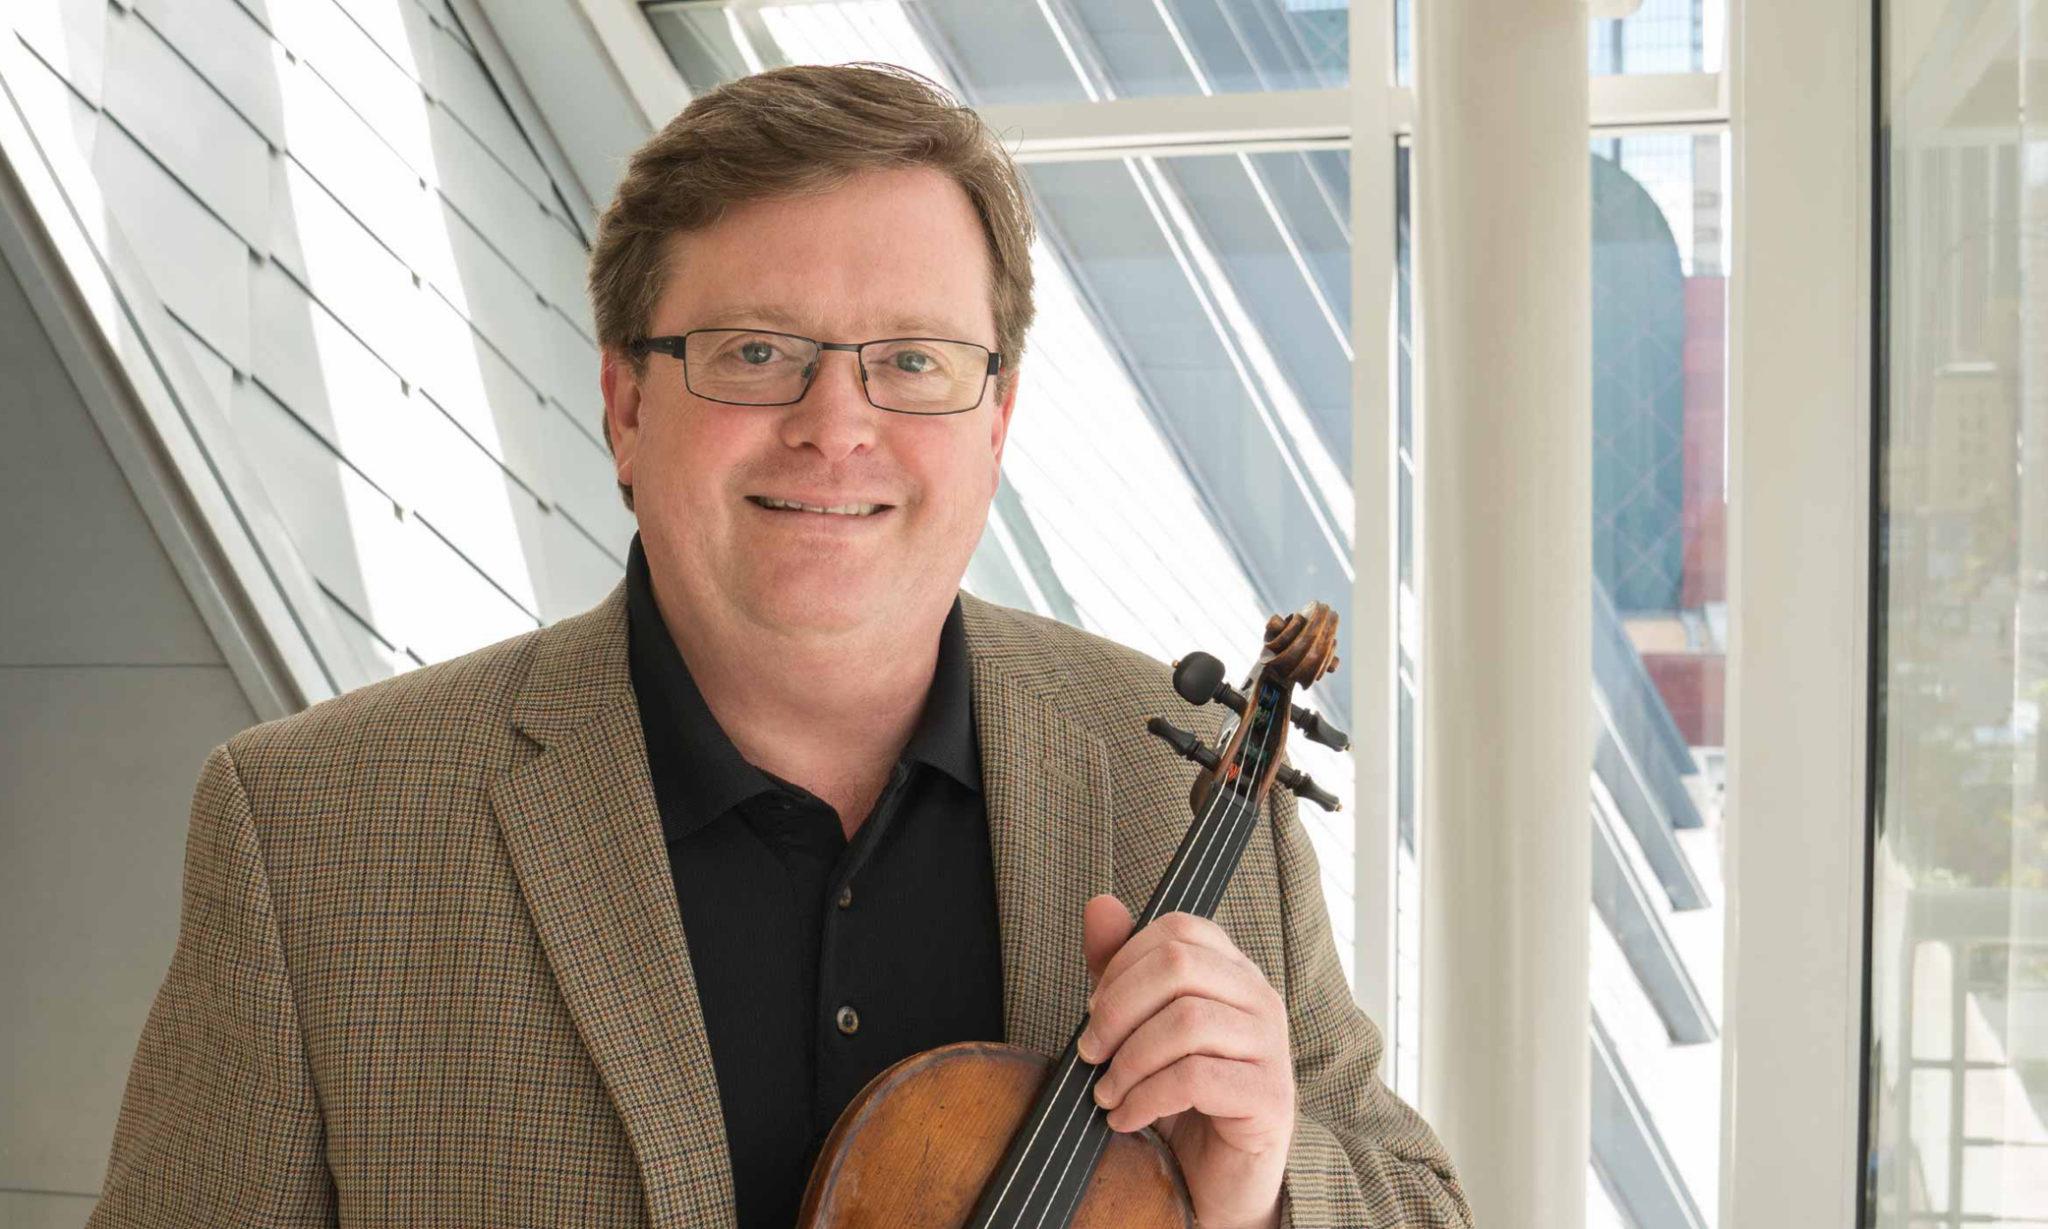 Faculty Recital: Martin Beaver